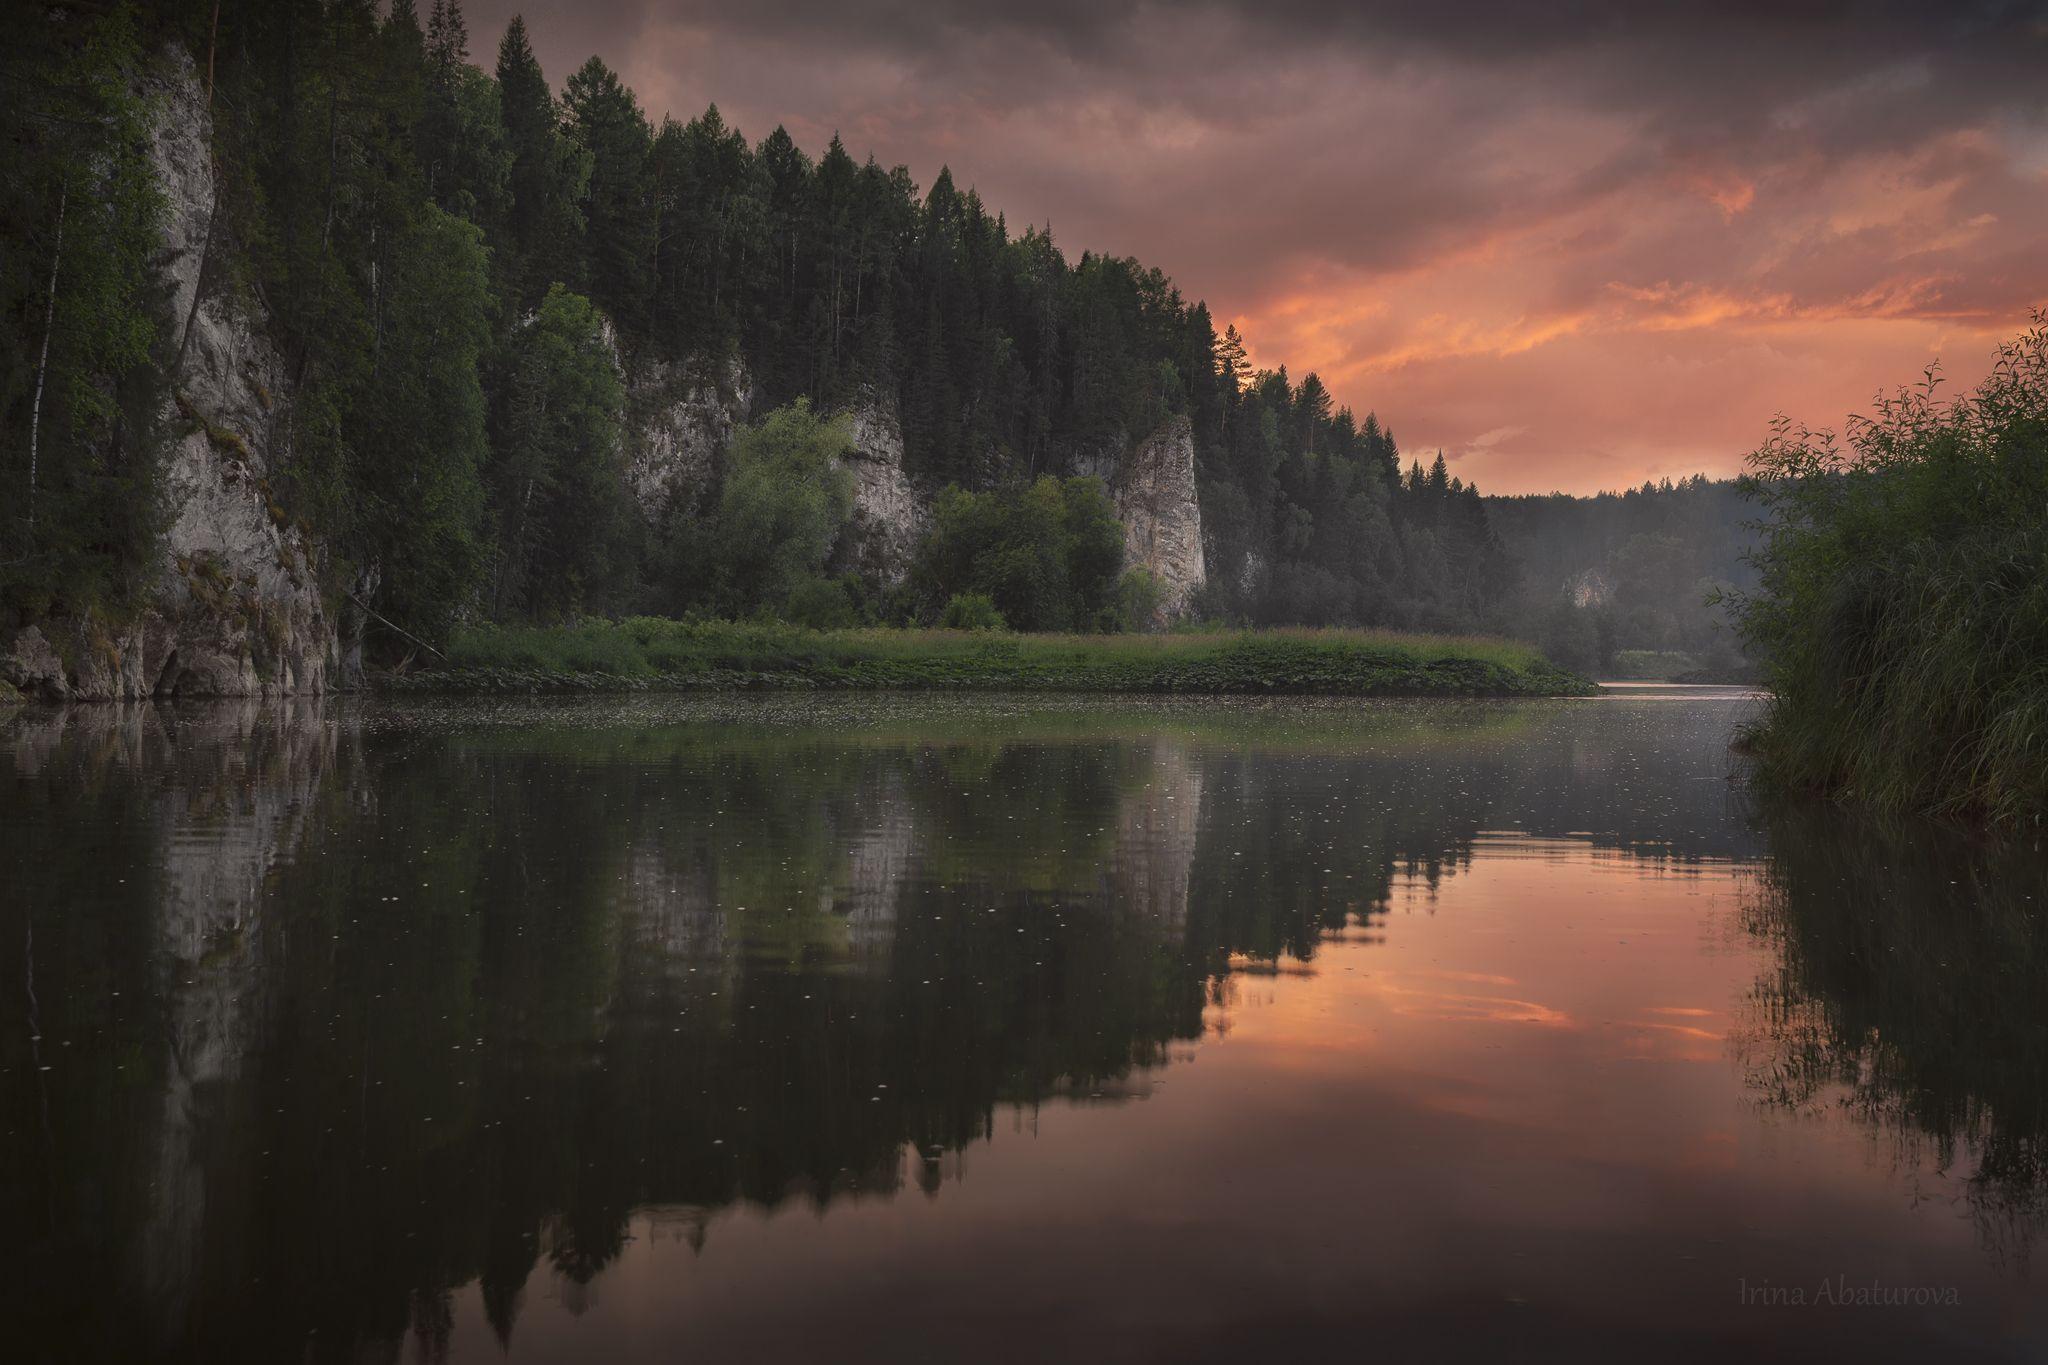 урал, оленьи ручьи, река, серга, закат, Абатурова Ирина